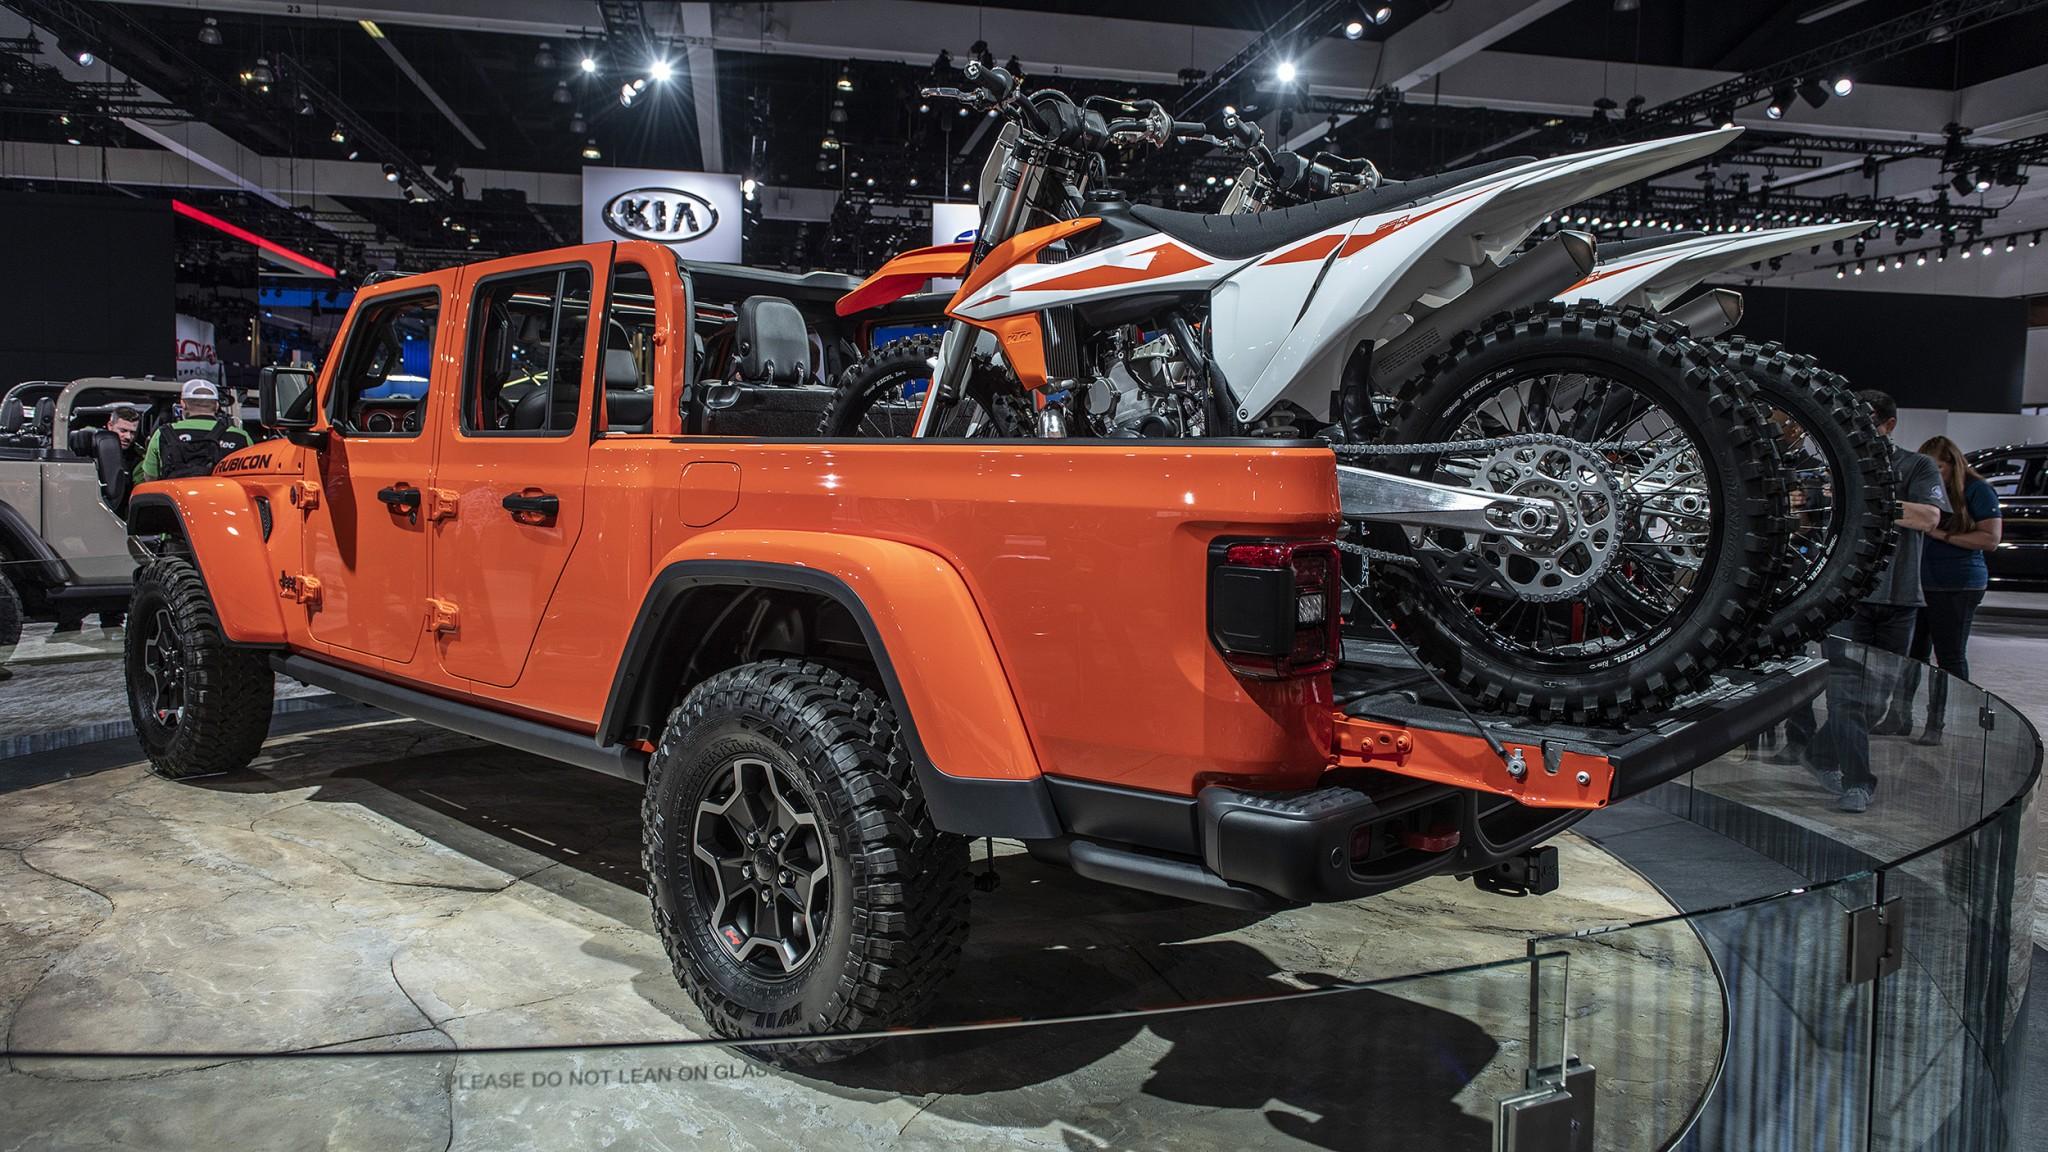 2020-jeep-gladiator-1